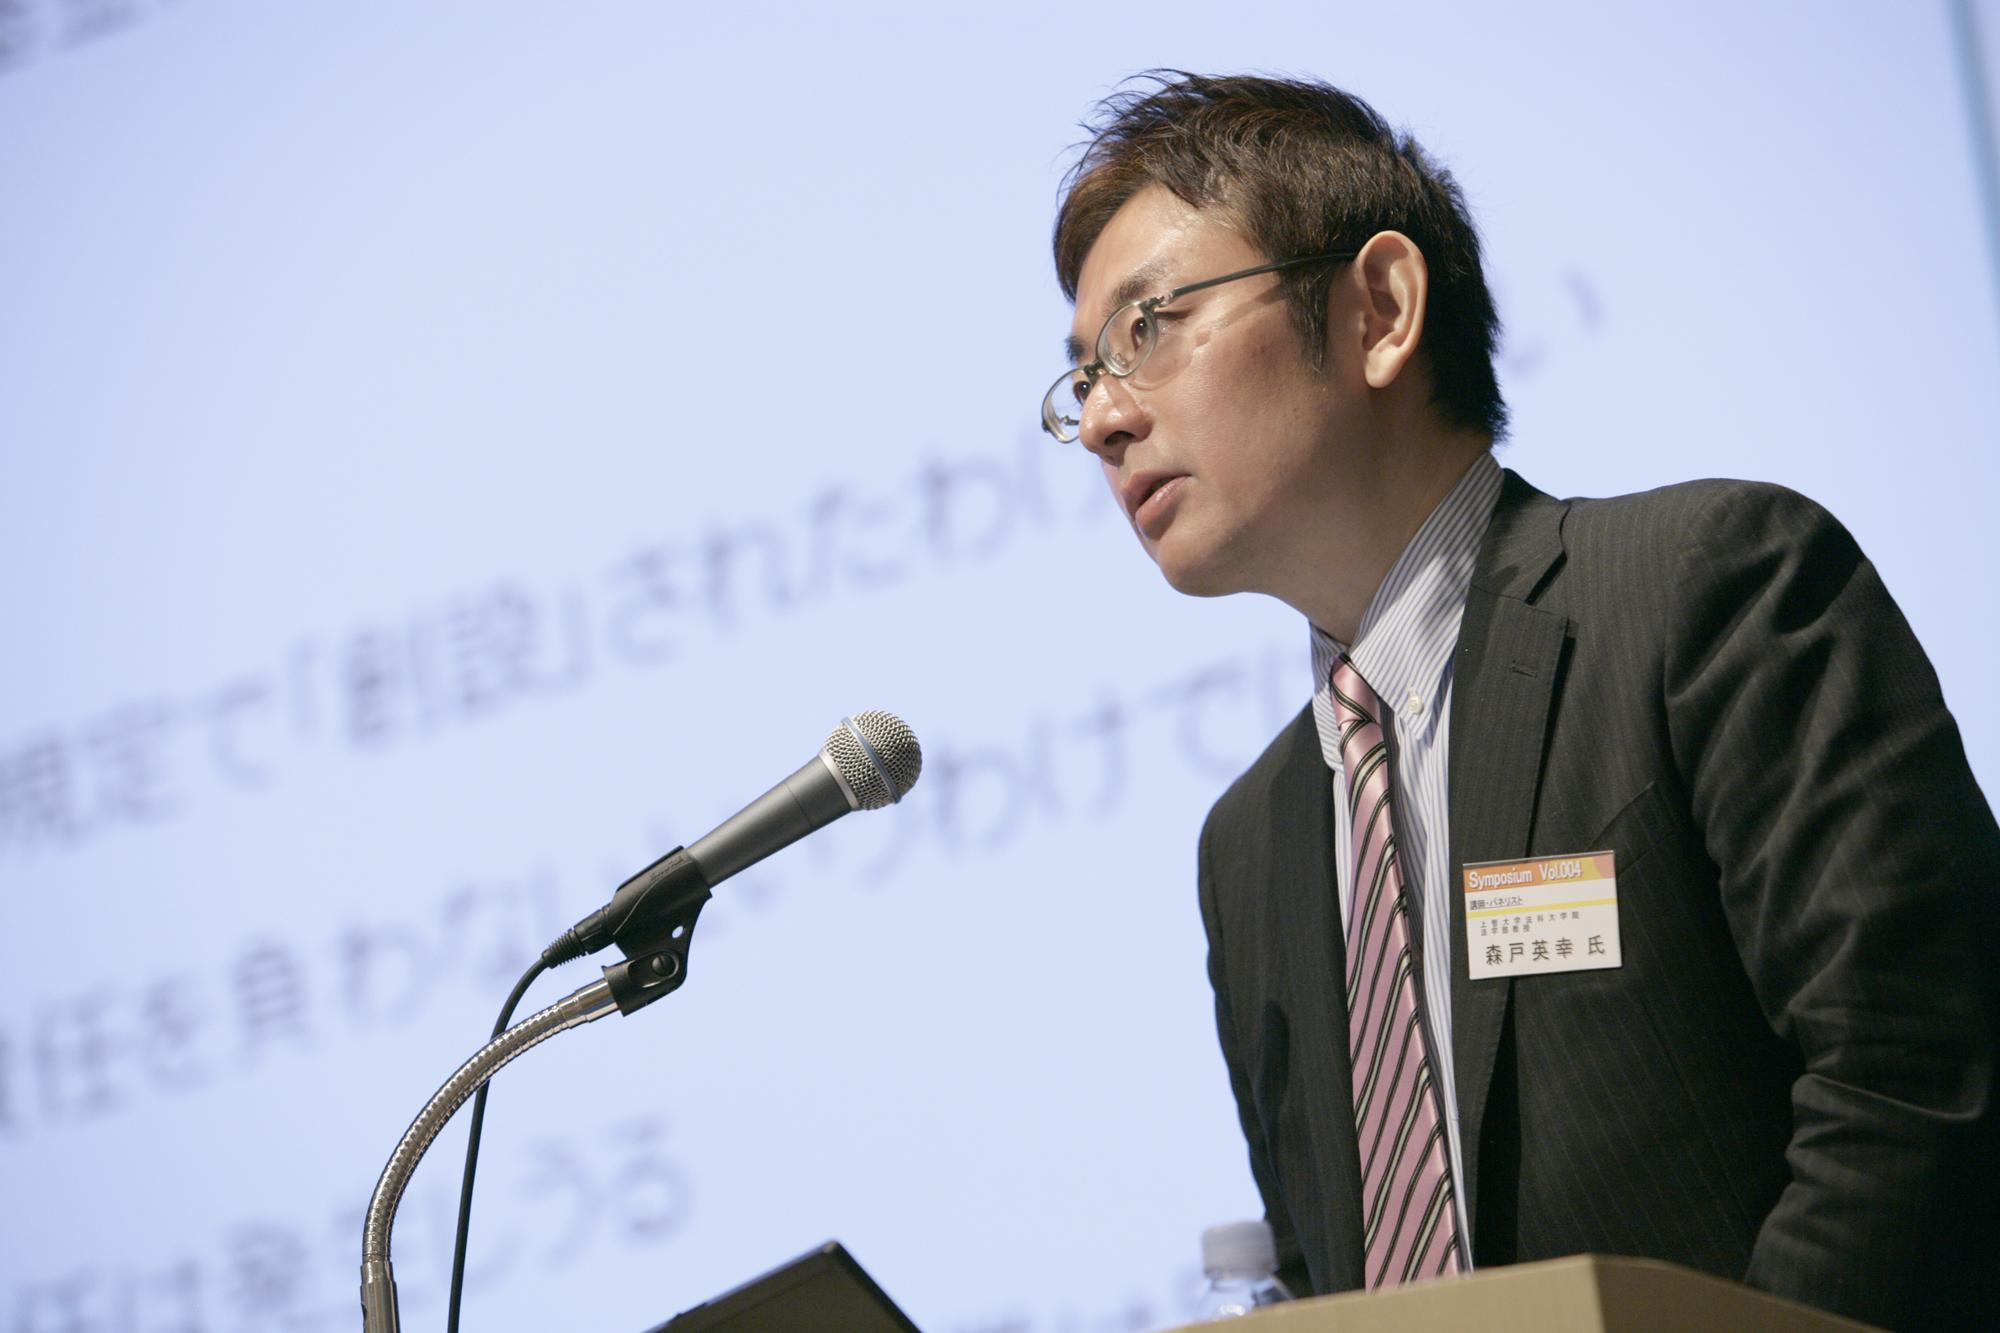 symposium vol.4 2009 Spring 企業経営と企業年金の資産運用 〜危機の ...